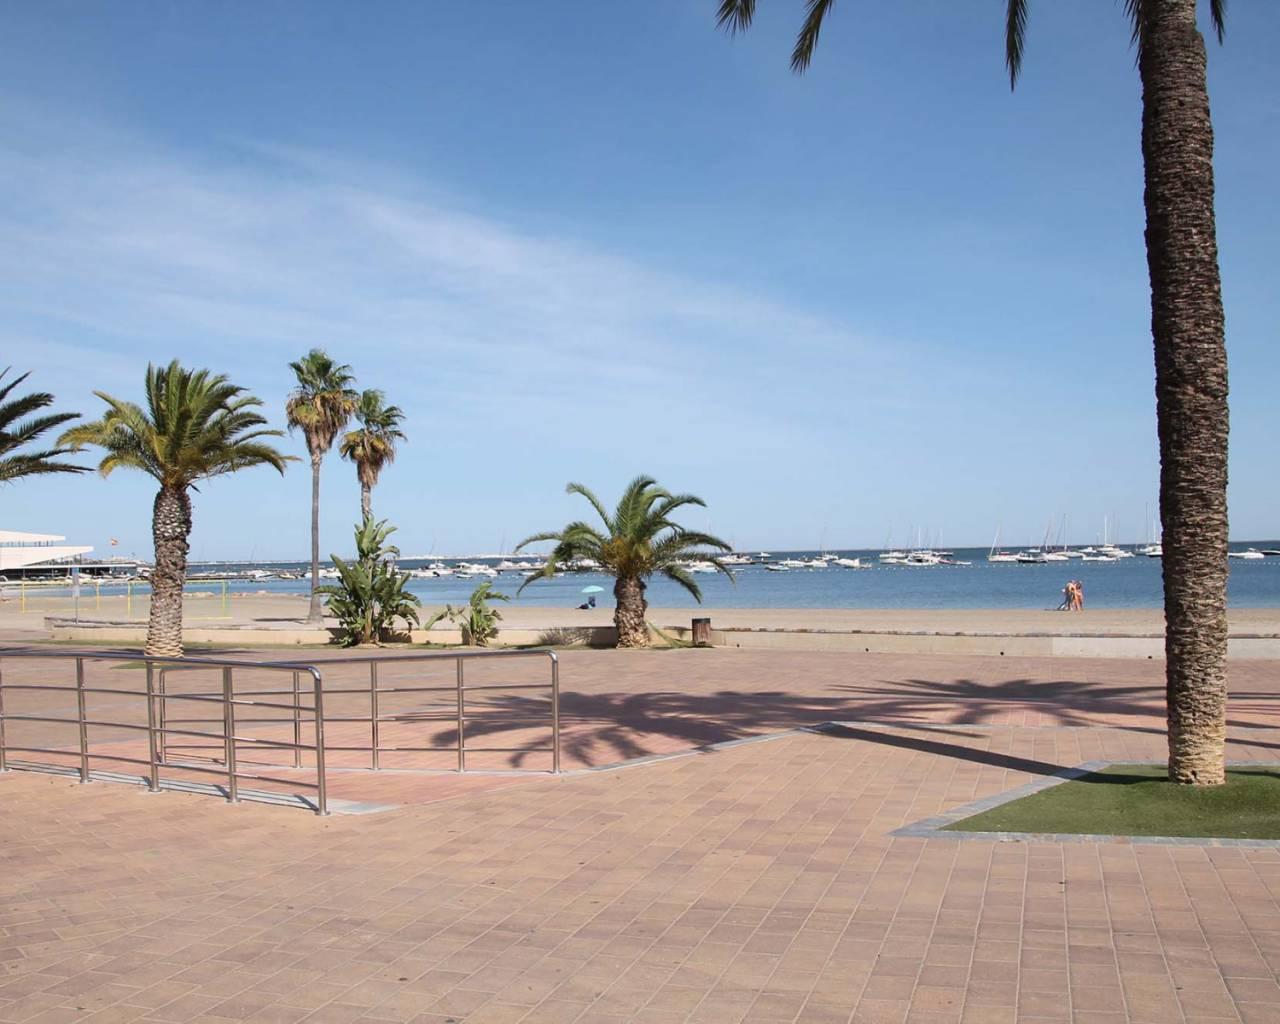 nieuwbouw-half-vrijstaande-villa-los-alcazares-roda-golf_4592_xl